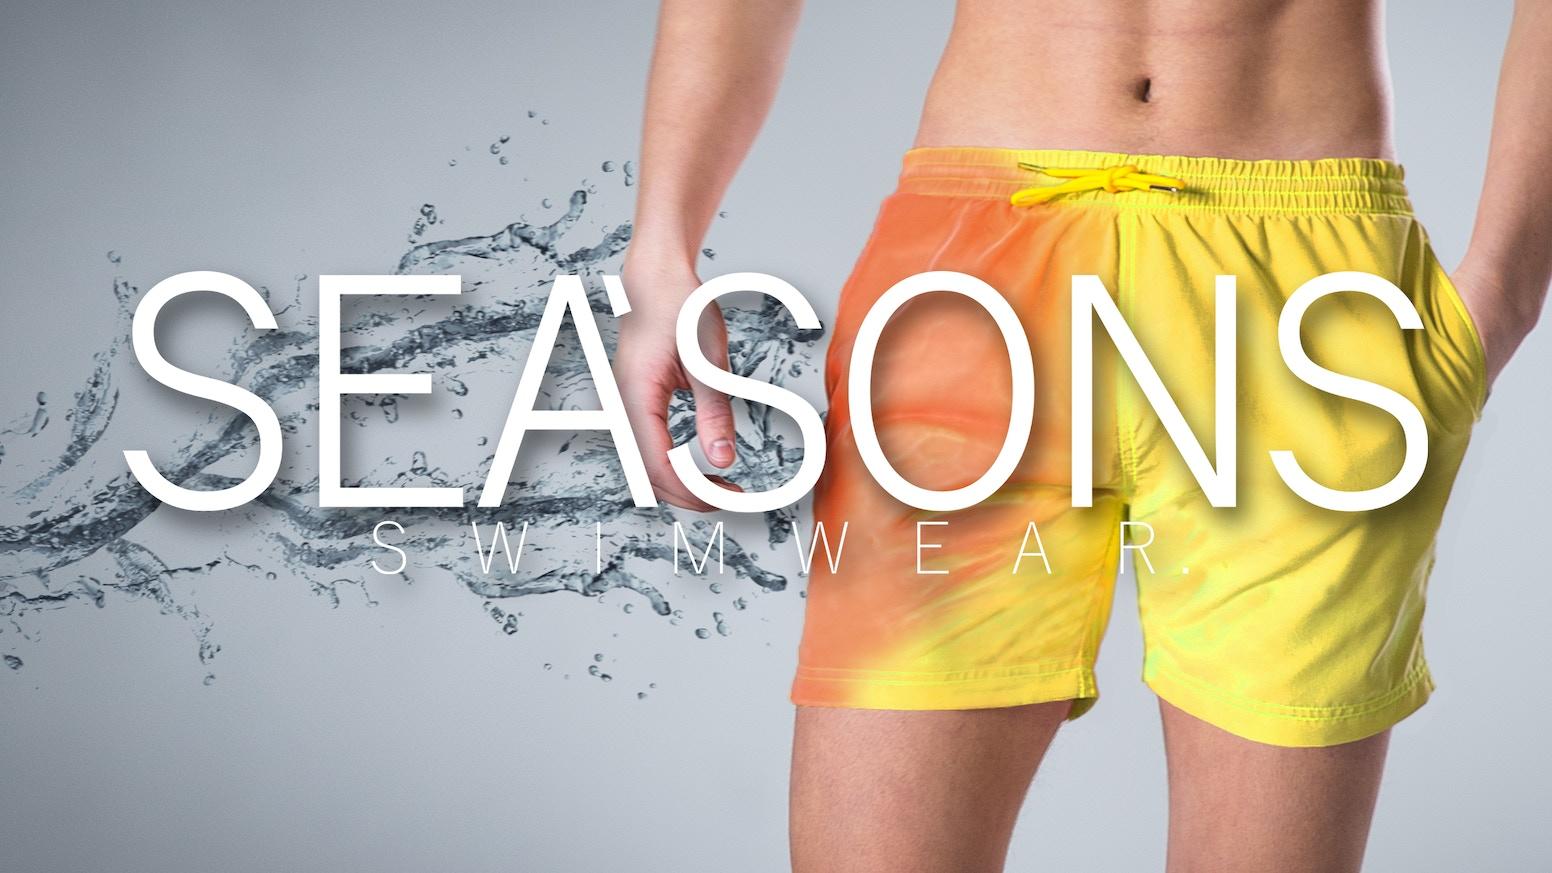 221963af22d319 SEA'SONS - World's first color changing swim shorts by Tom van Dieren —  Kickstarter